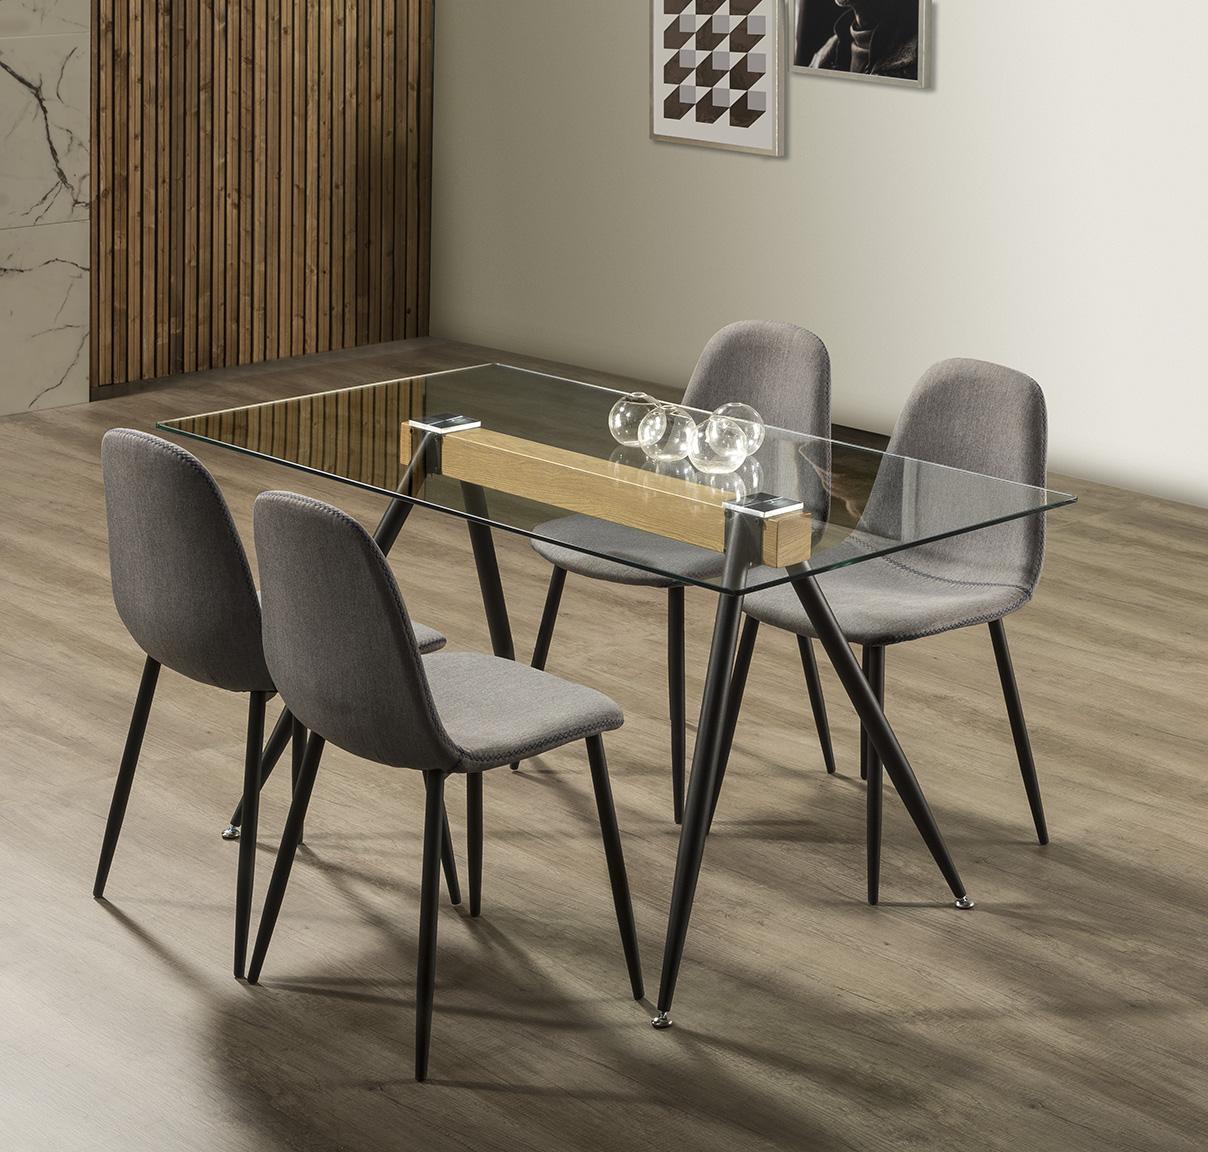 mueble comedor estilo industrial